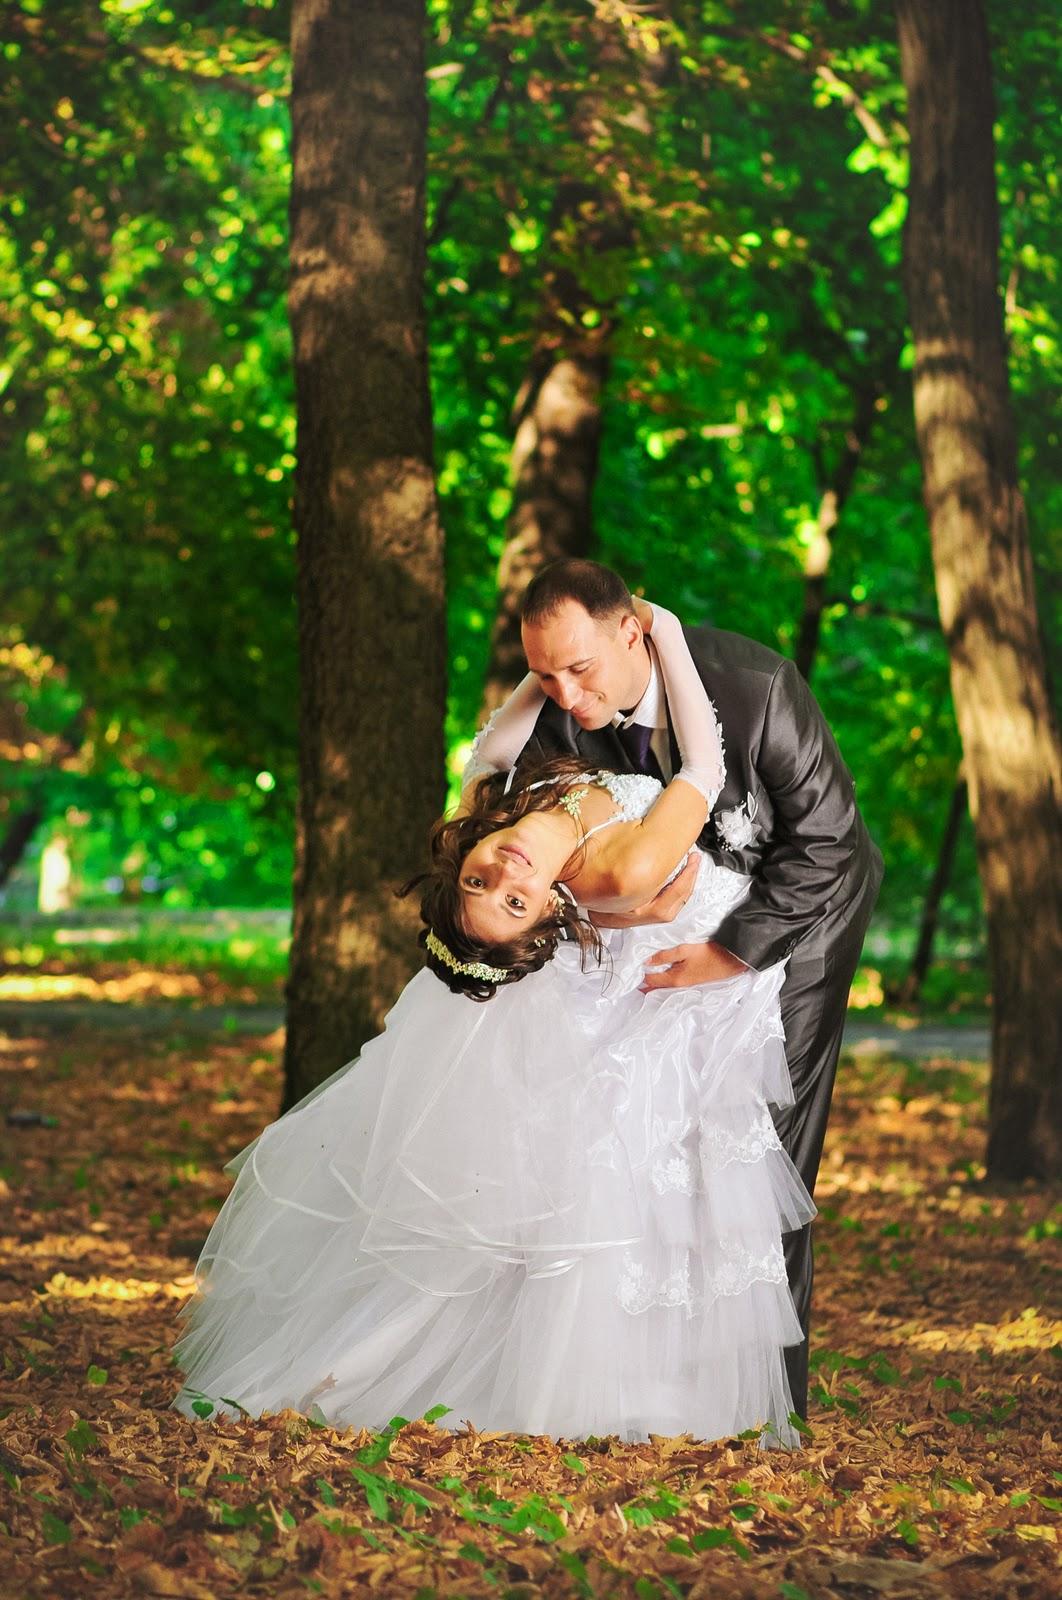 Николай наумов фото свадьбы